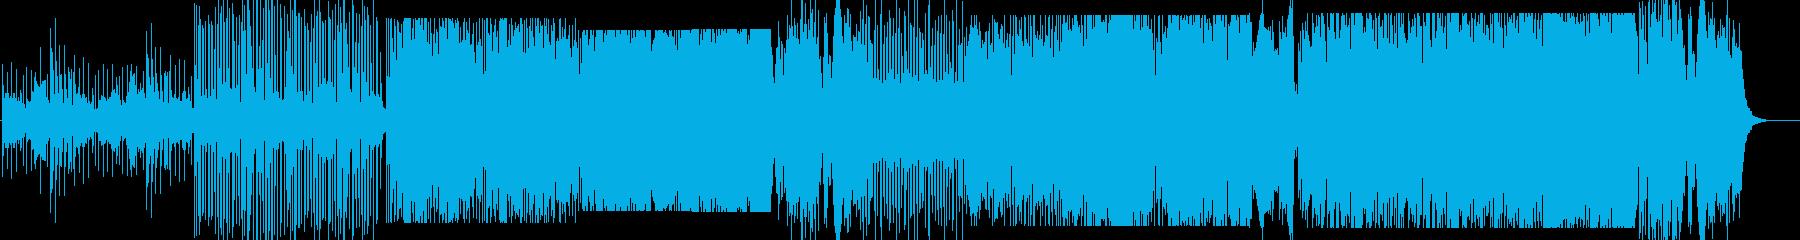 綺麗なテクノとオーケストラの曲の再生済みの波形